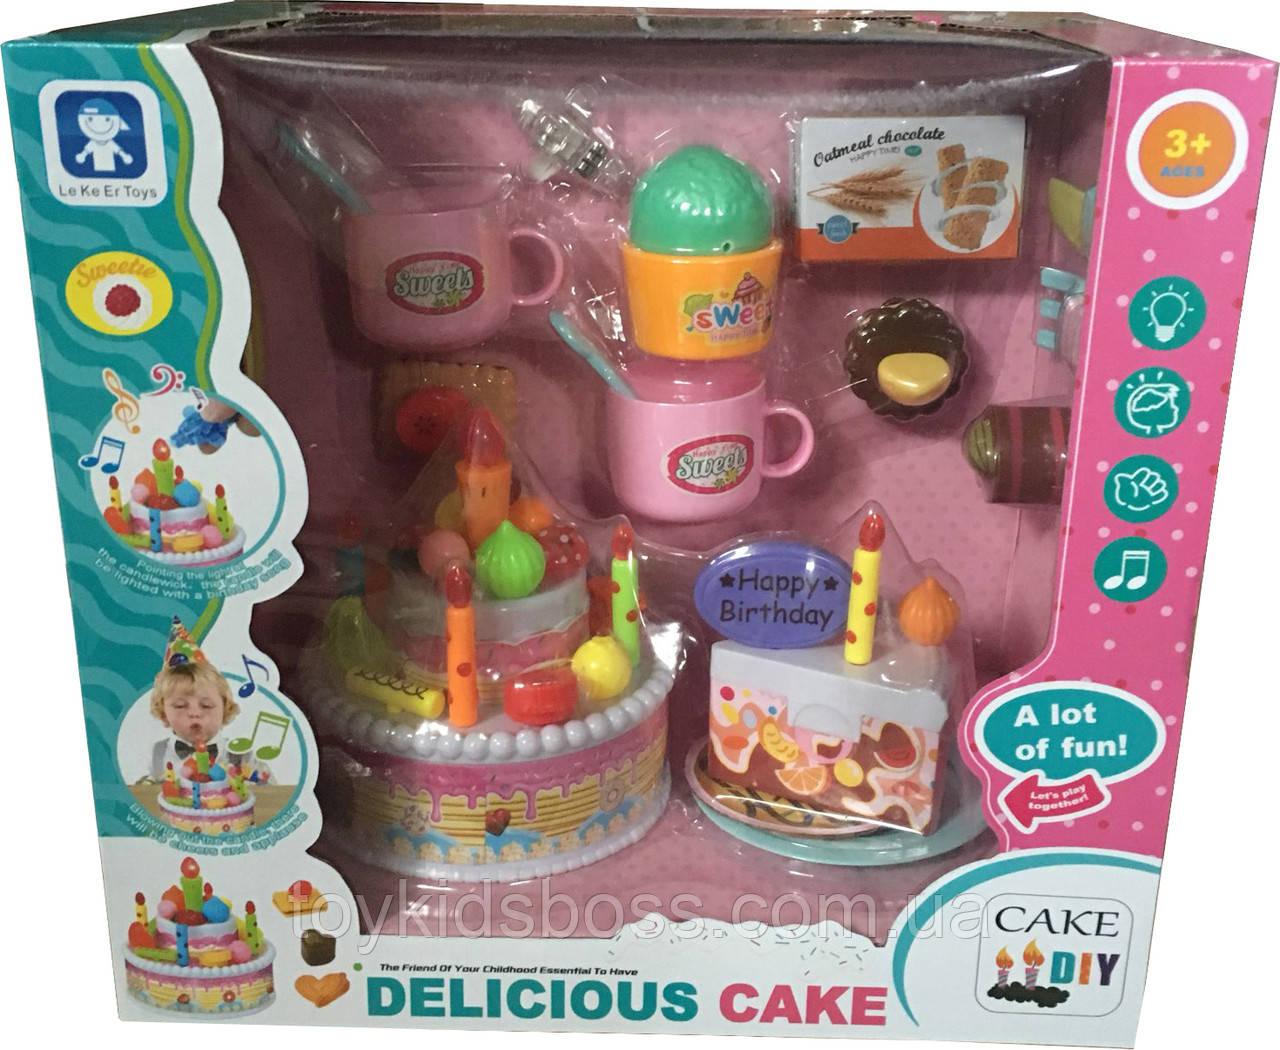 Большой празничный торт с аксессуарамы Le Ke Er Toys Delicious cake